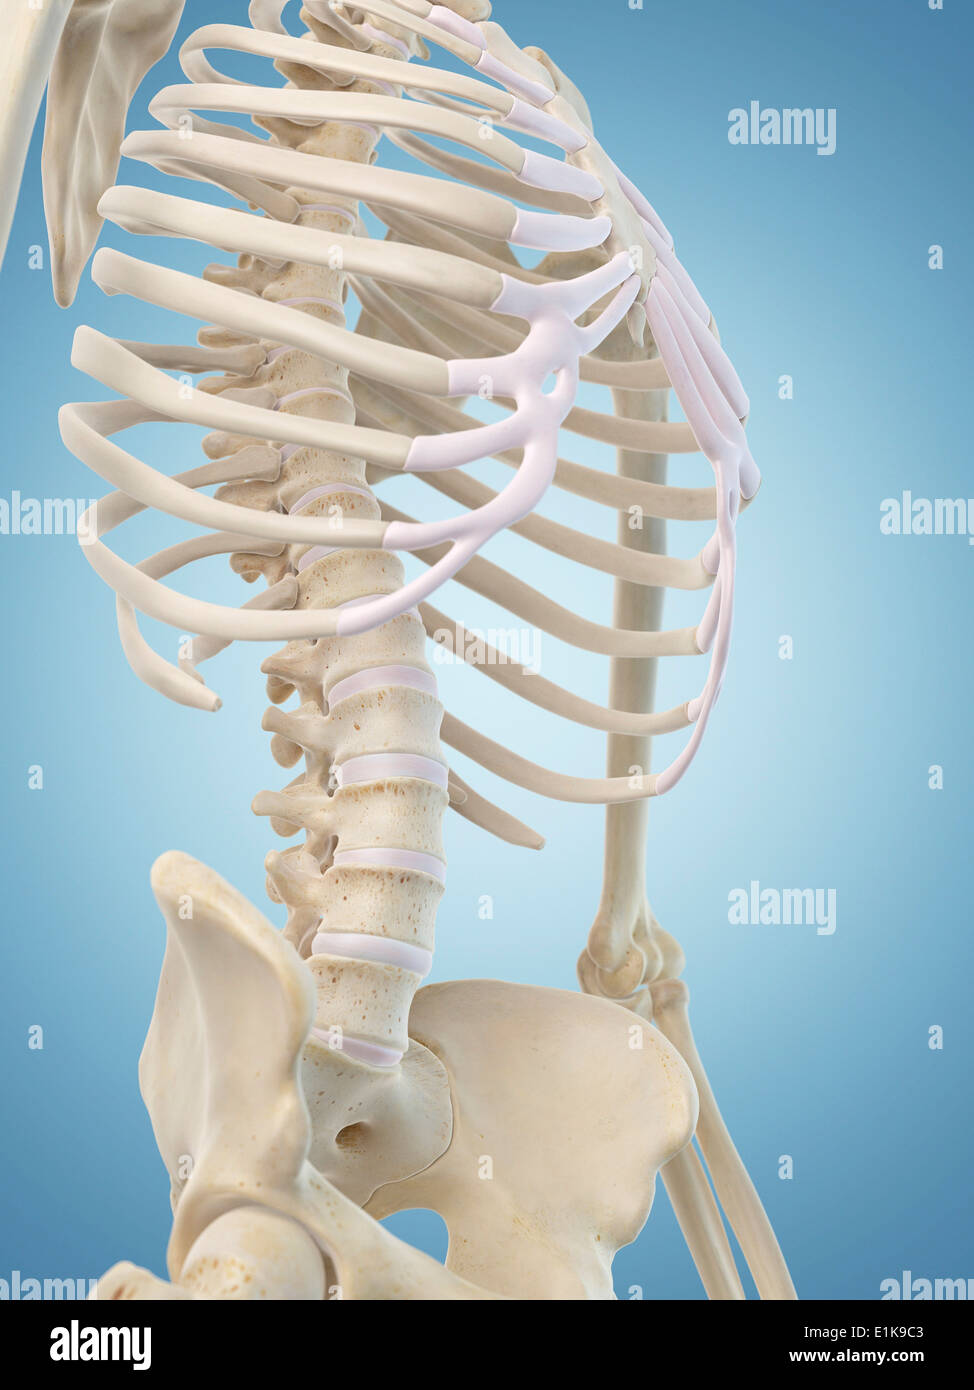 Fein Skelett Struktur Galerie - Anatomie Ideen - finotti.info